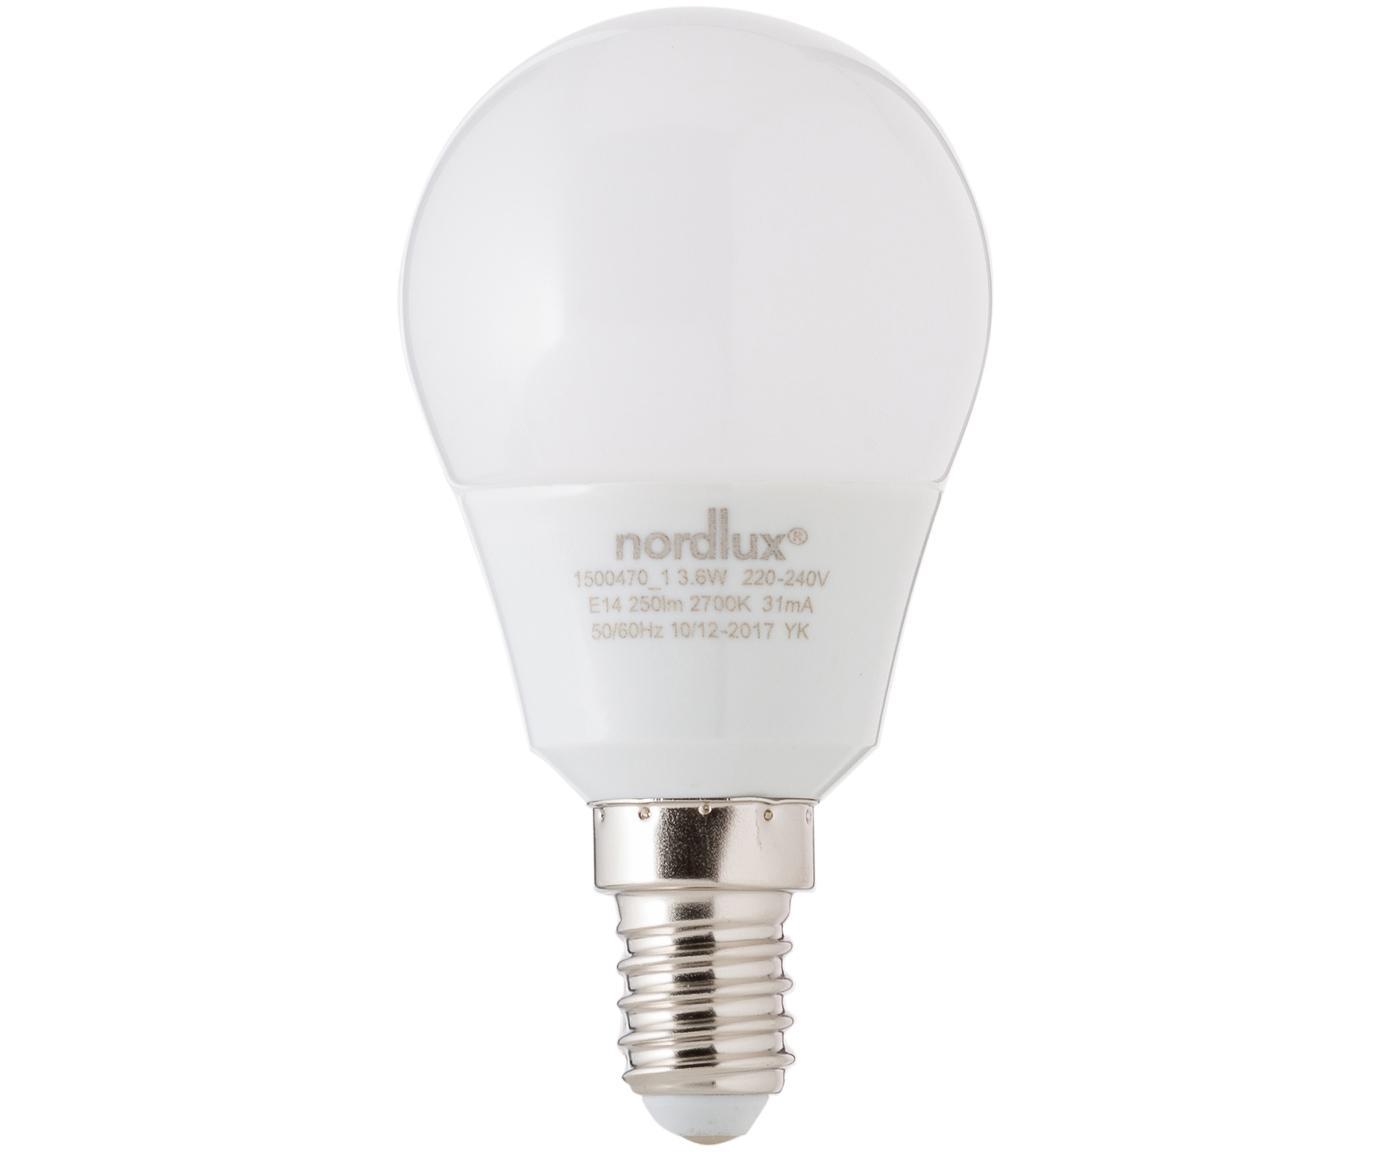 LED Leuchtmittel Azer (E14/3.5W), 5 Stück, Leuchtmittelschirm: Opalglas, Leuchtmittelfassung: Aluminium, Weiss, Ø 5 x H 9 cm